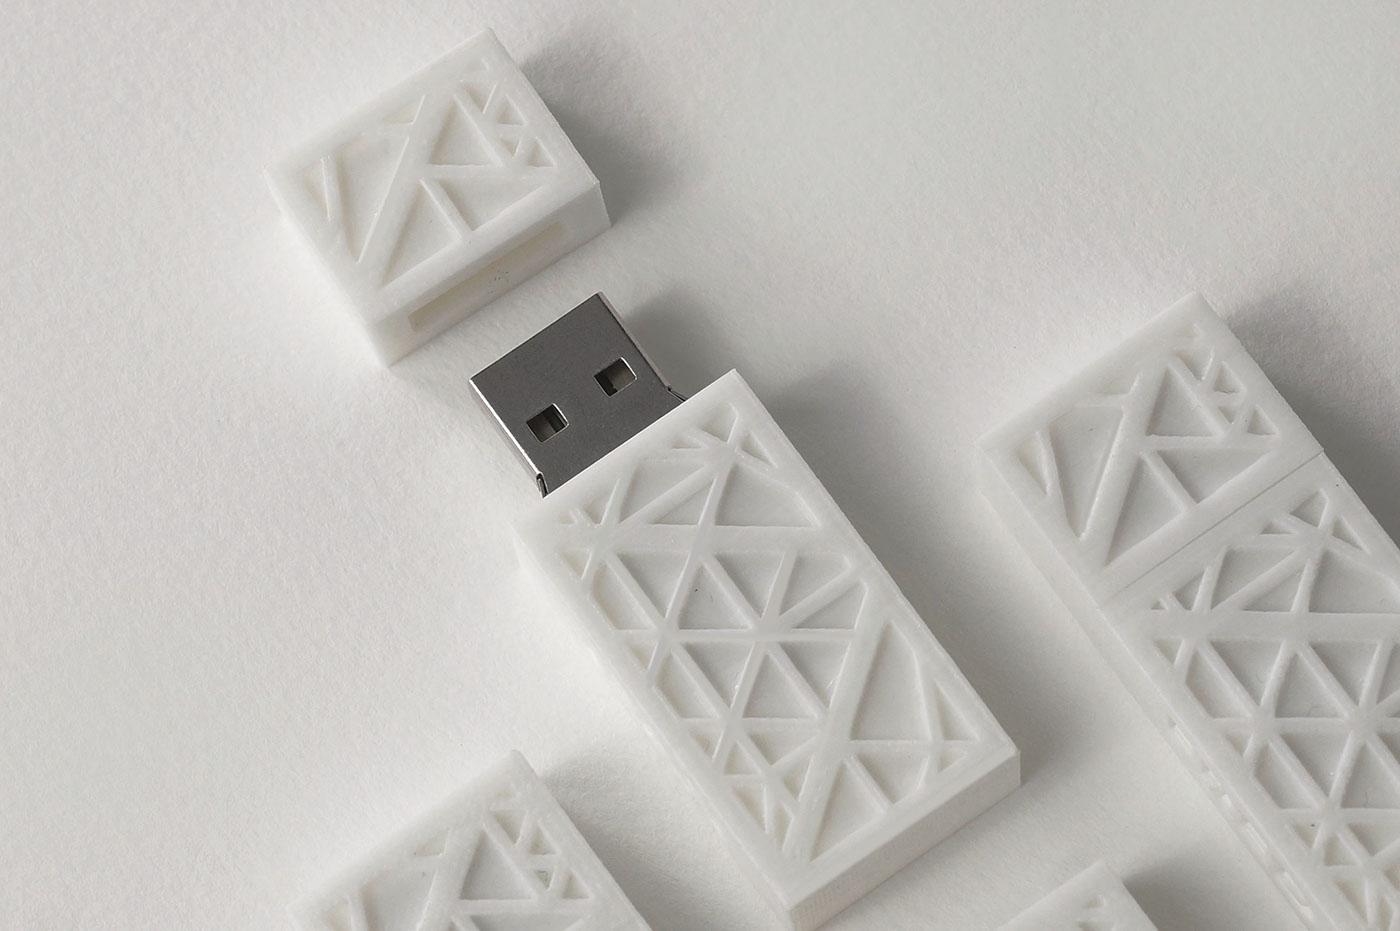 3d Drucker Designbeispiele Aus Deko Mode Schmuck